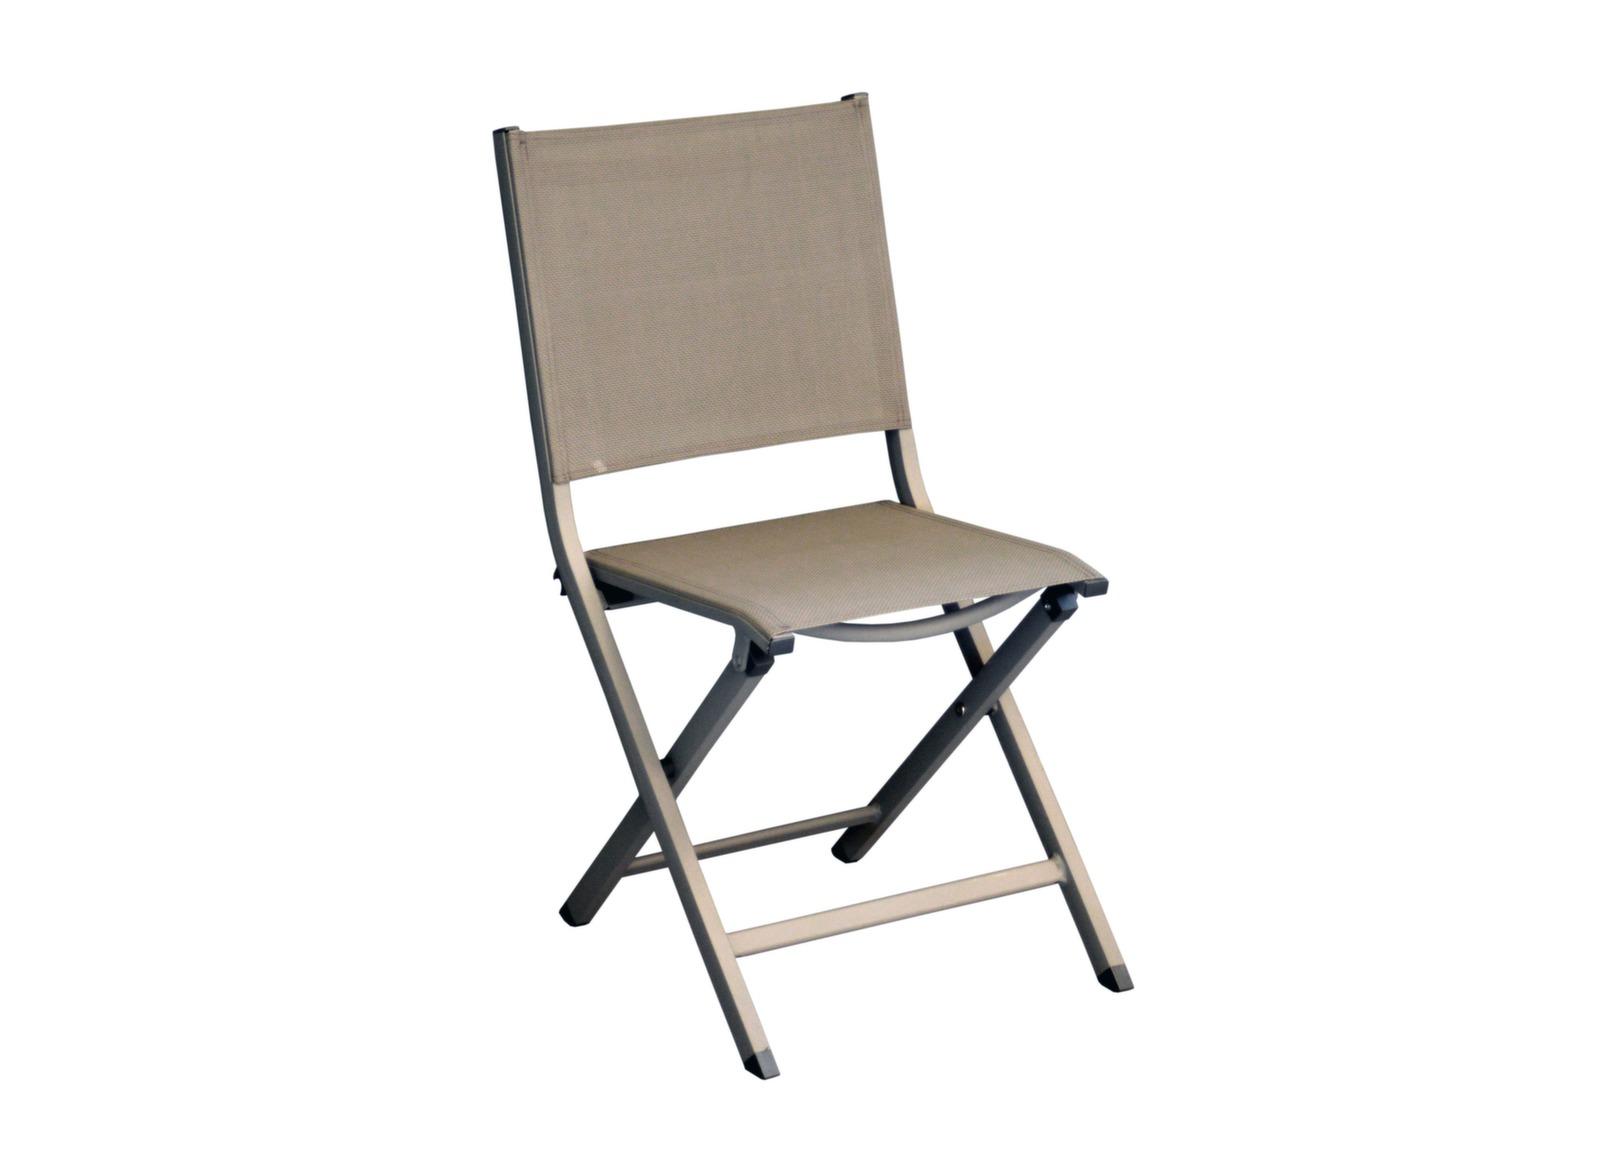 chaise pliante confortable 28 images chaise pliante. Black Bedroom Furniture Sets. Home Design Ideas